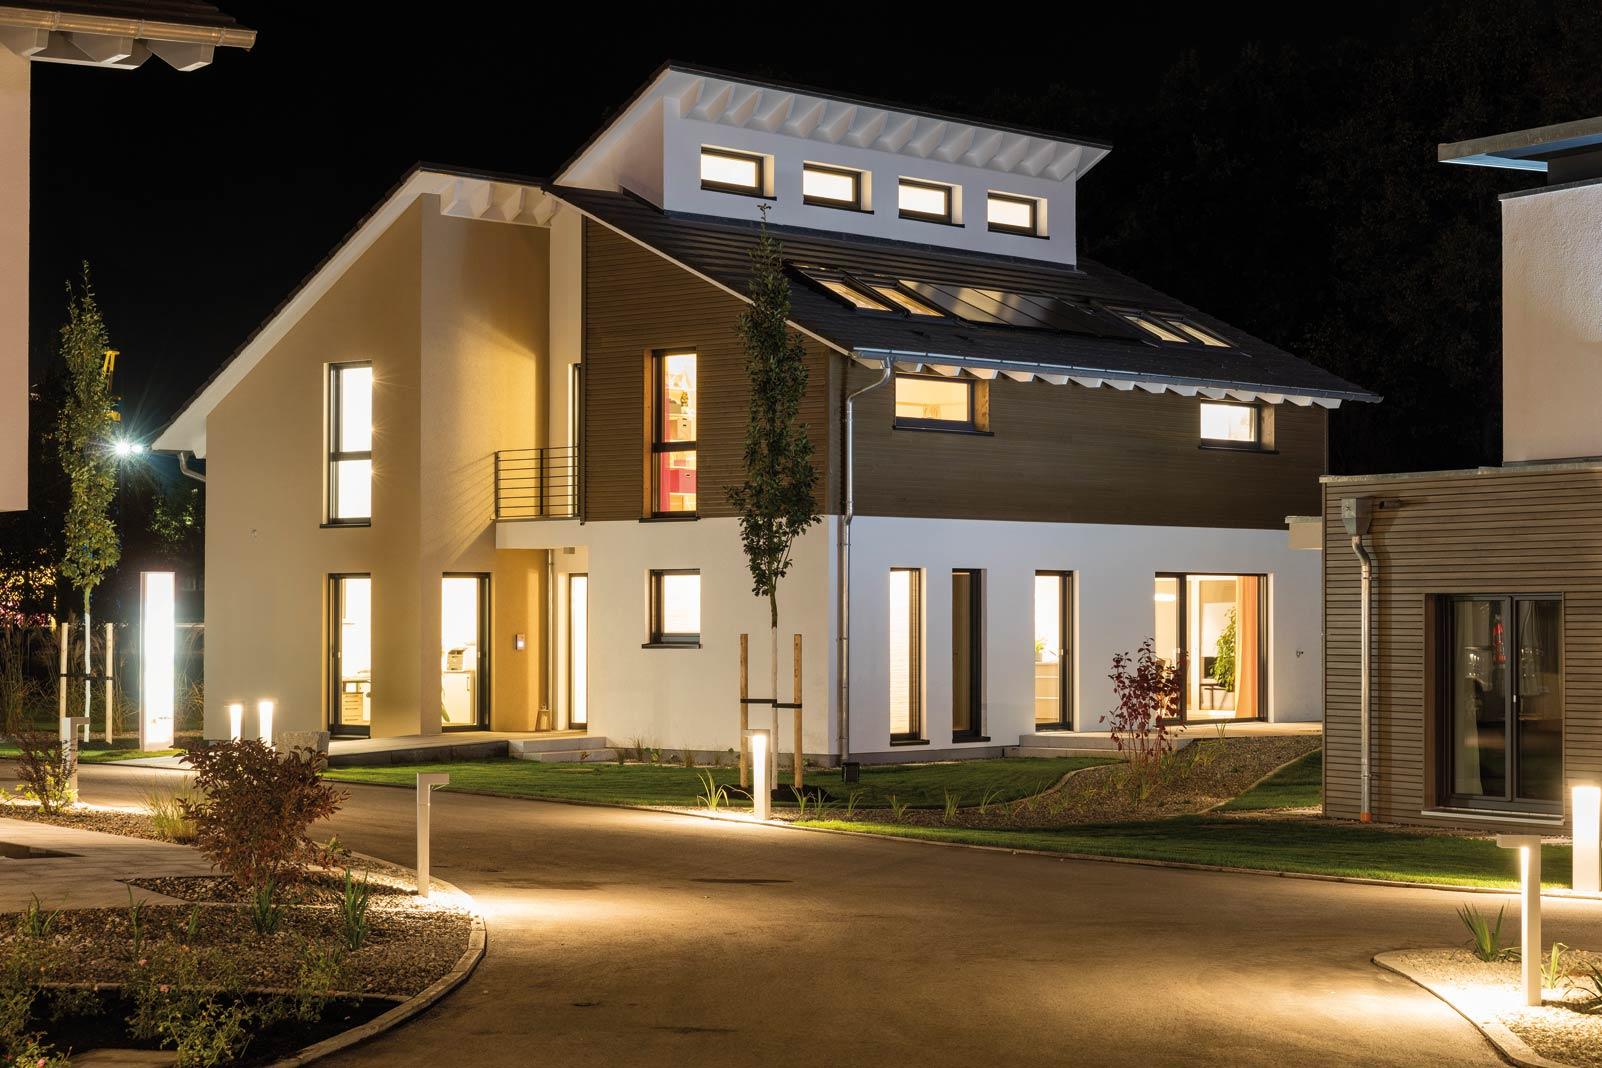 Fertighaus Holz nachhaltiges fertighaus mit versetzten dächern und viel holz